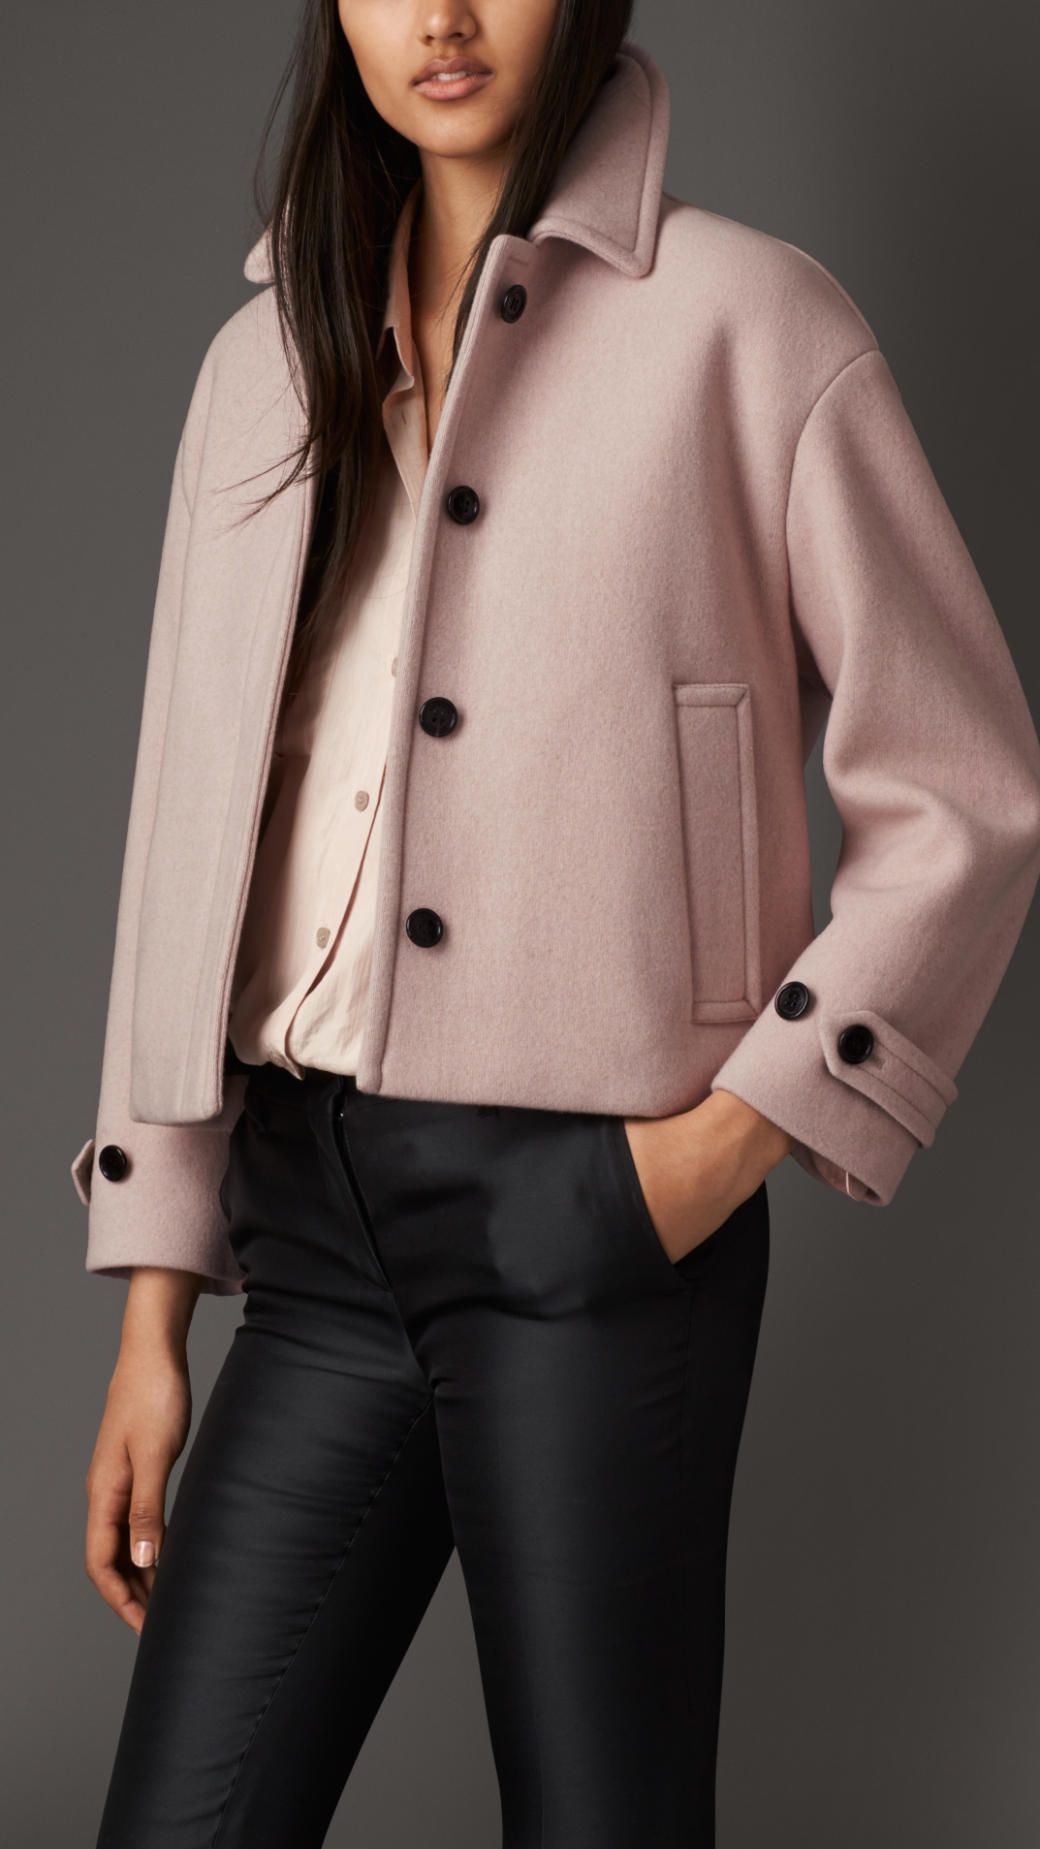 e944946e48a99 Vêtements pour femme   Burberry   jax fashion   Jackets, Fashion, Coat